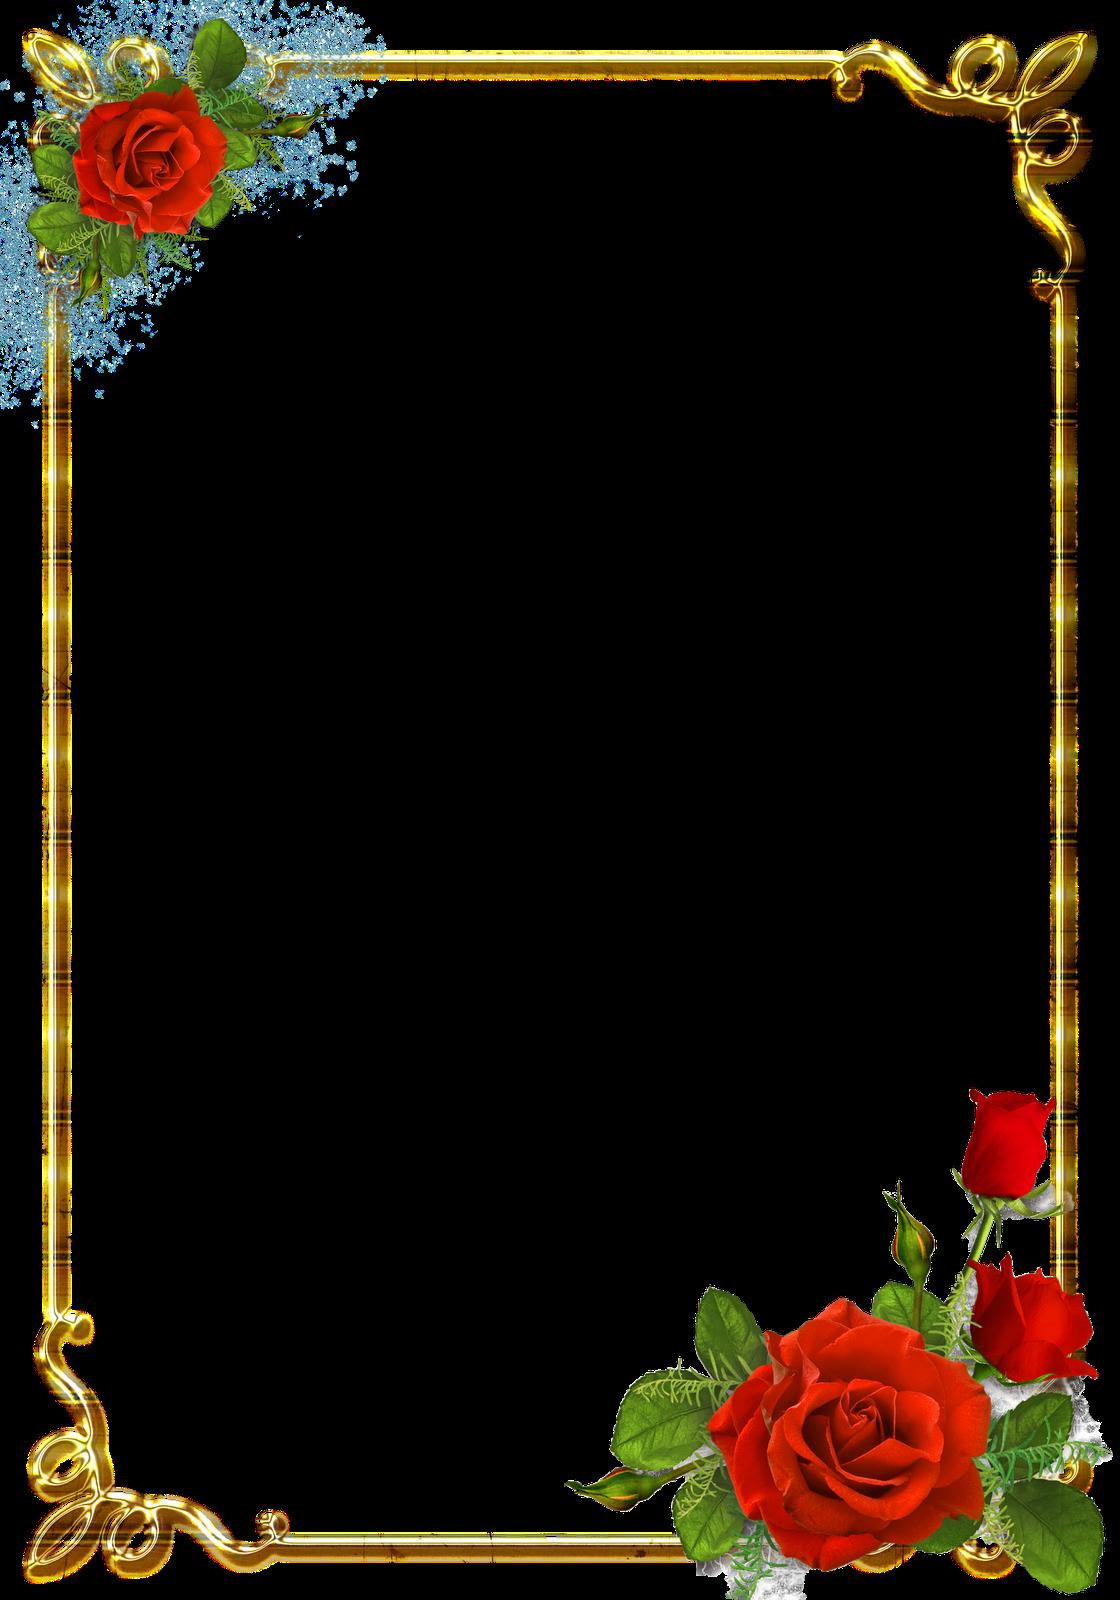 pin de janaina moura em frames pinterest rosas vermelhas frames png e rosas. Black Bedroom Furniture Sets. Home Design Ideas